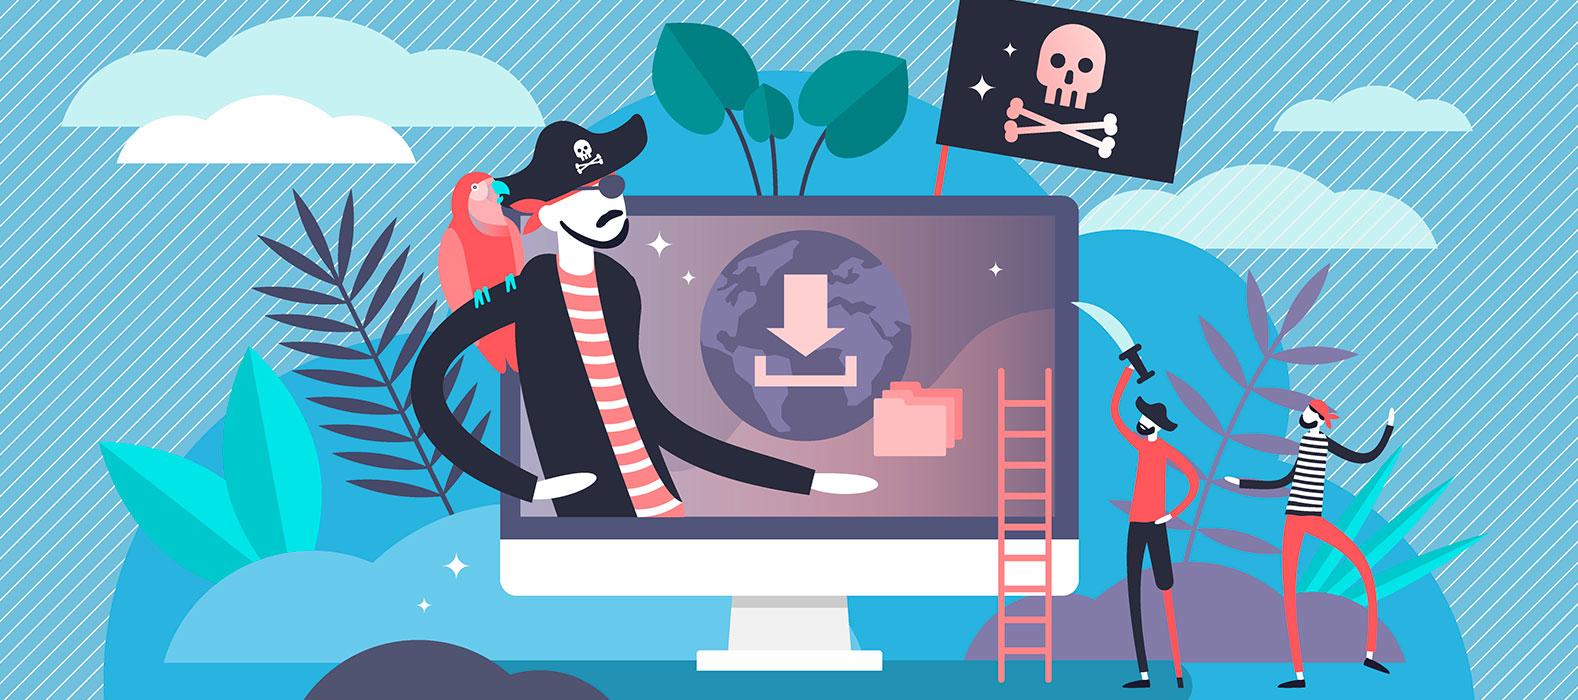 Contenuti digitali e pirateria: tecnologia e modelli di business fattori di cambiamento!